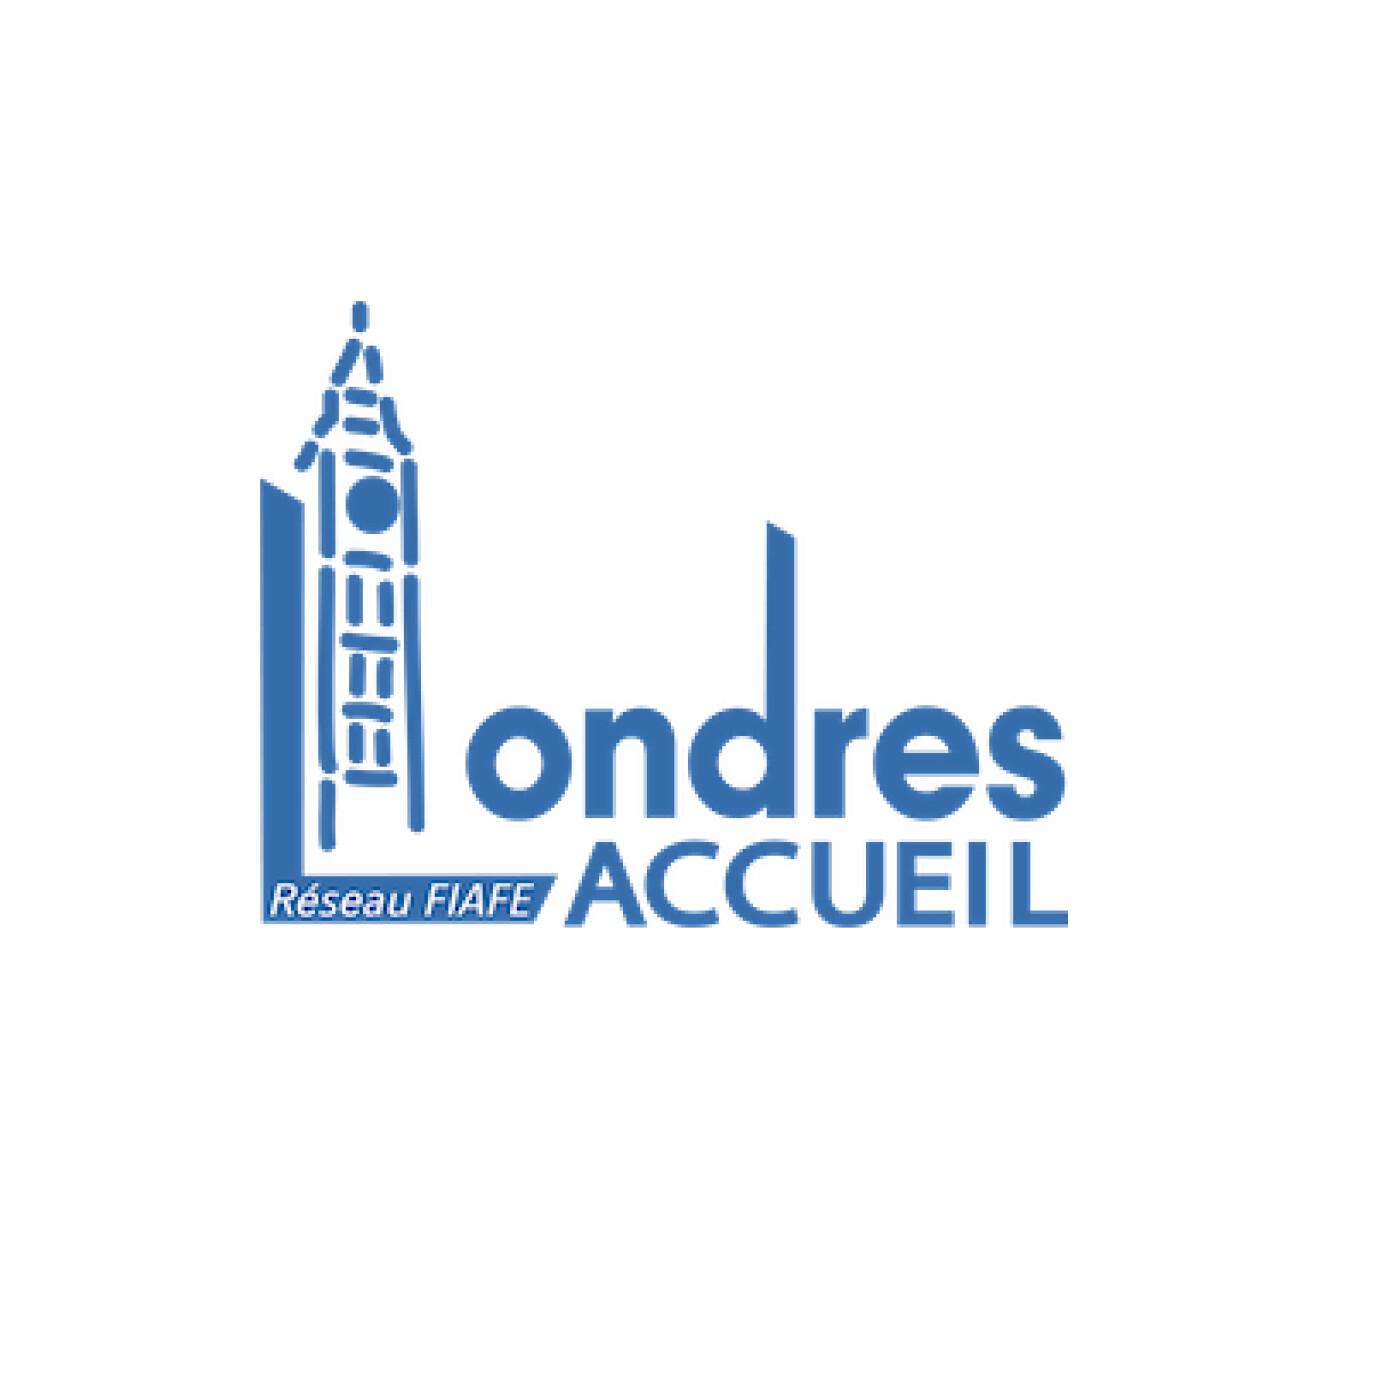 Armelle, bénévole communication, présente Londres Accueil - 13 09 2021 - StereoChic Radio